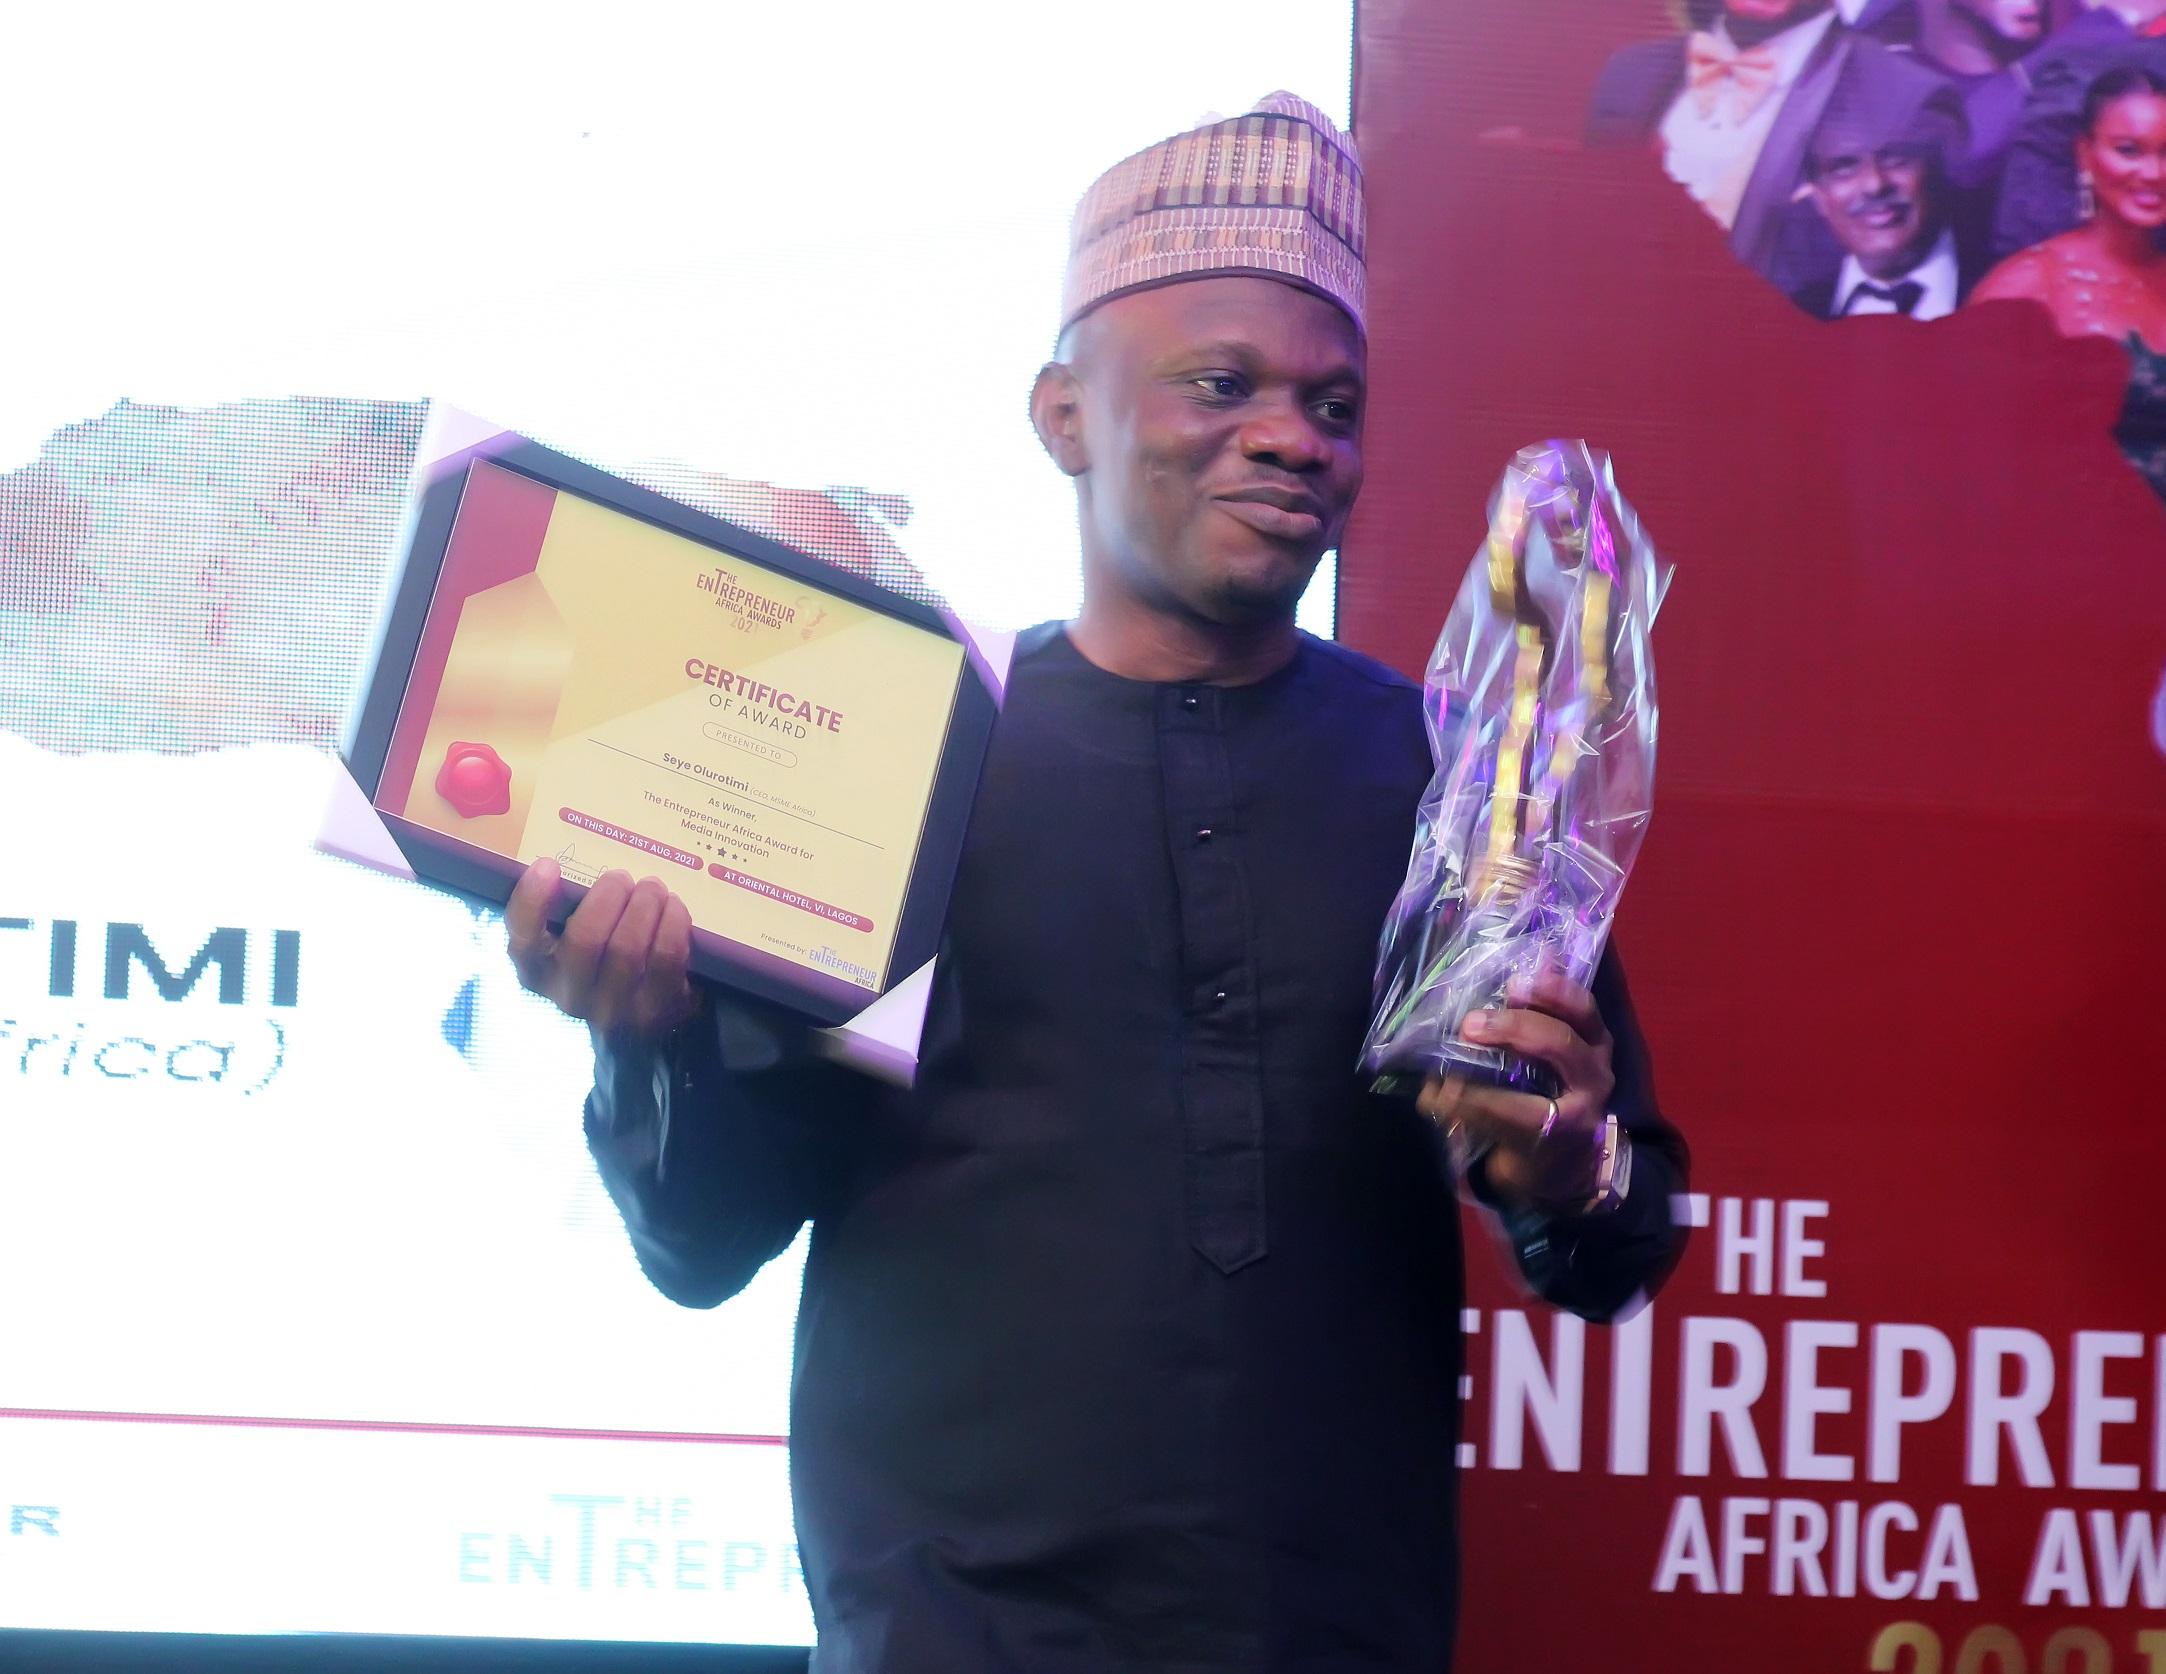 MSME Africa Founder Olurotimi bags Entrepreneur Africa Award for Media Innovation 2021